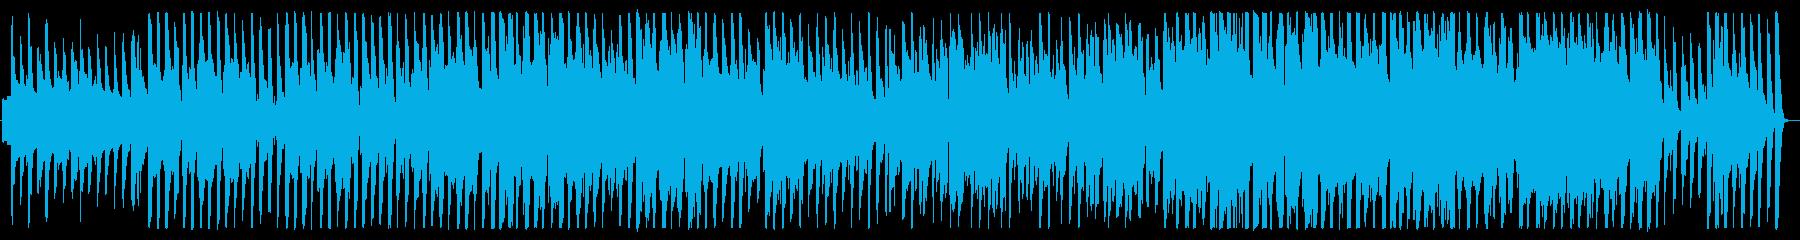 軽く跳ねるような、ほのぼの陽気なポップスの再生済みの波形